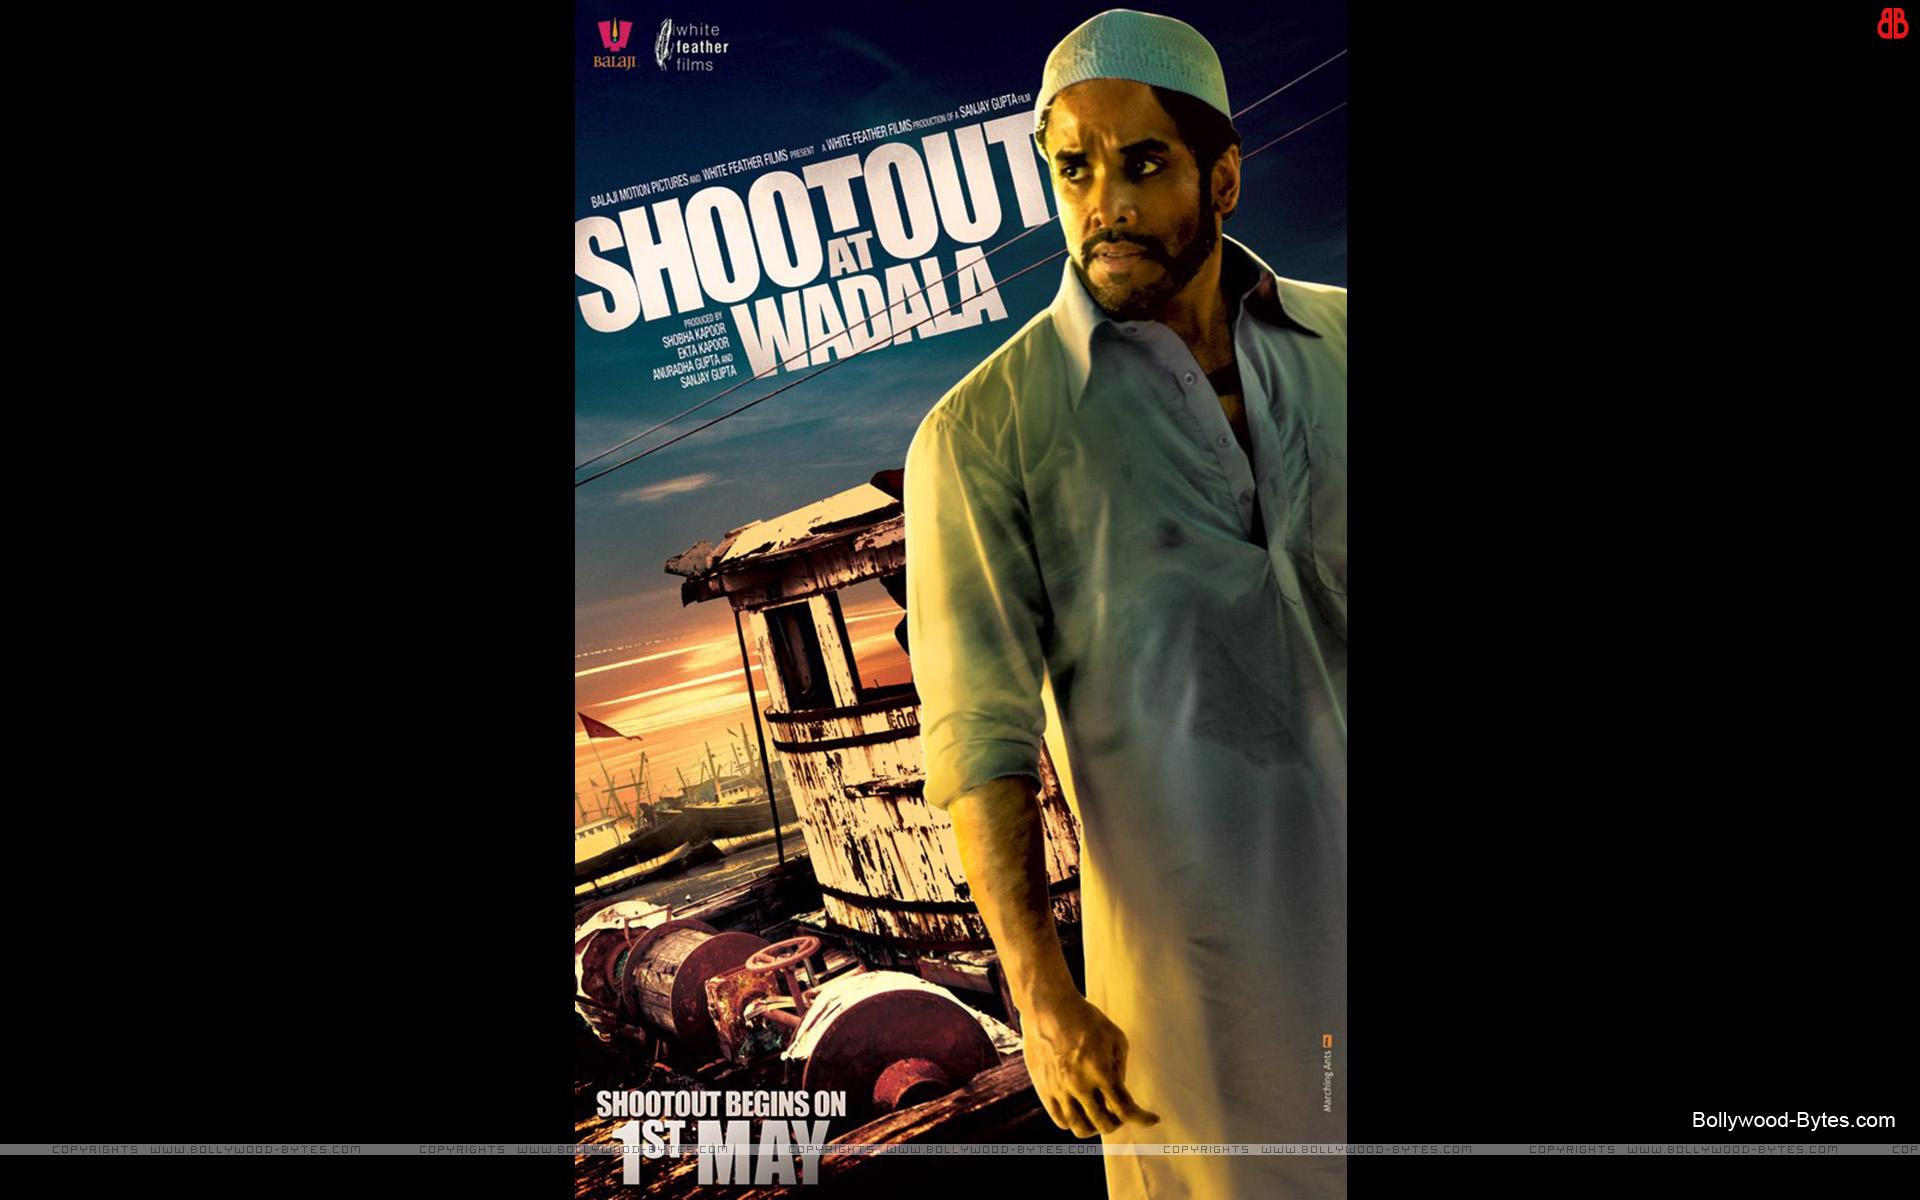 http://2.bp.blogspot.com/-v03p7_EwPEA/URaDcQDtoSI/AAAAAAAAasY/QyoXwS4FYa0/s1920/Shootout-at-Wadala-+Tussar-Kapoor-HD-Wallpaper-05.jpg